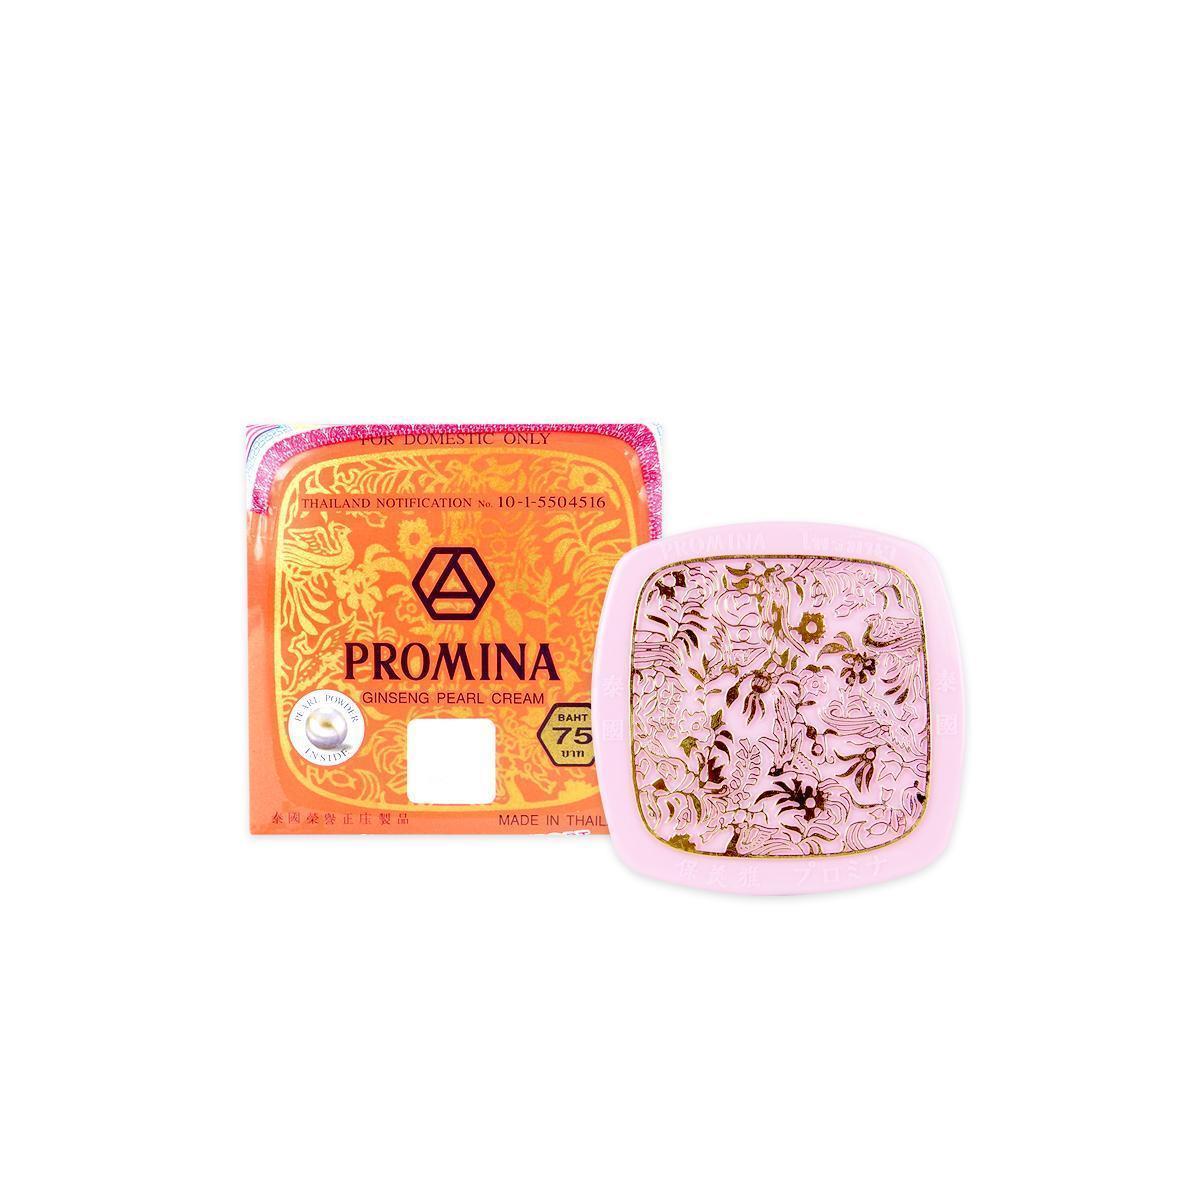 泰國 PROMINA 人蔘珍珠膏 11g